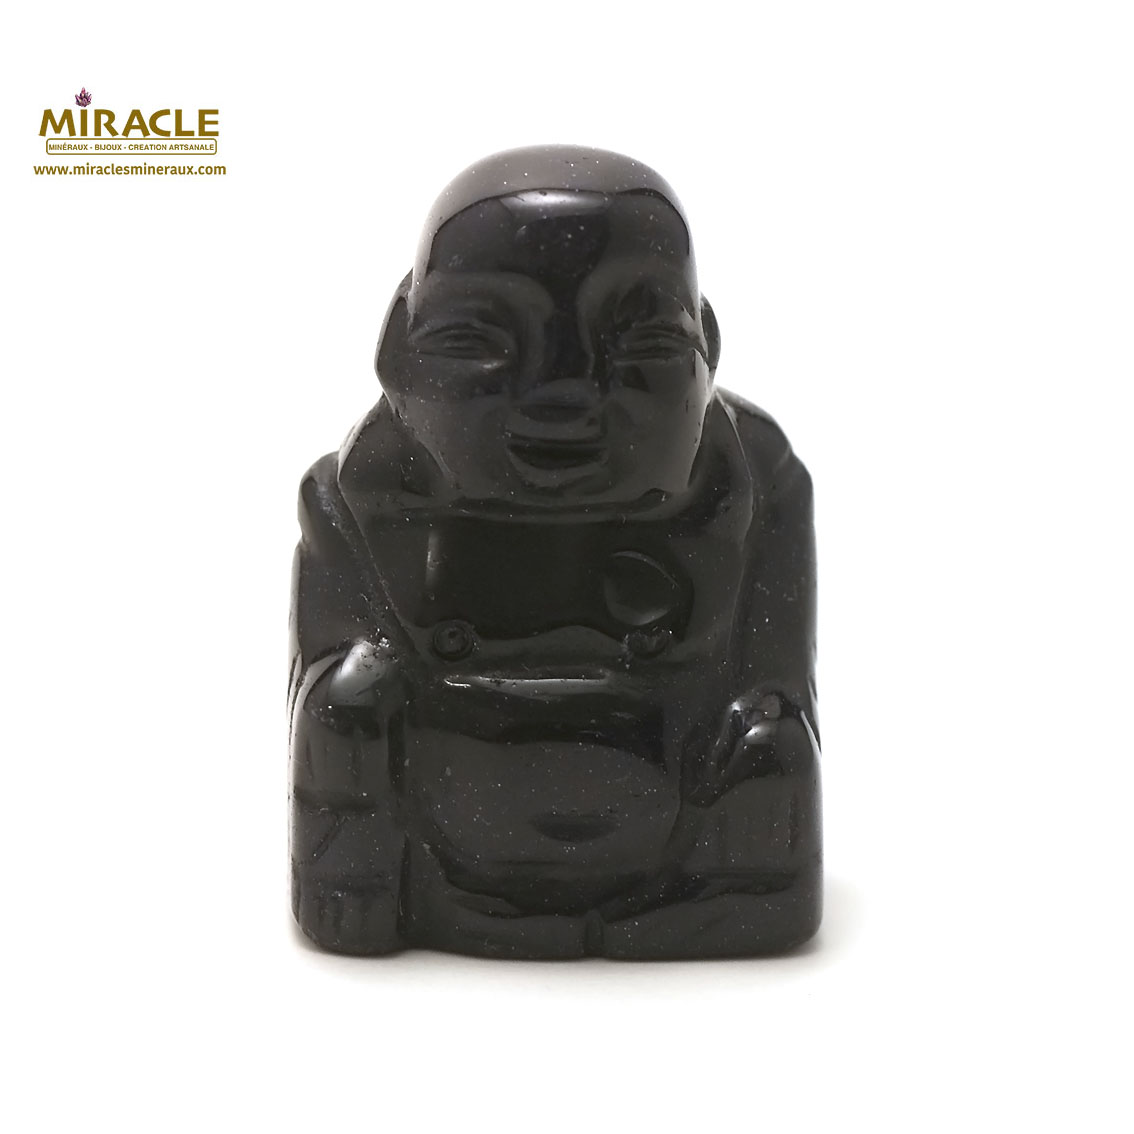 statuette minéraux bouddha, pierre naturelle de pierre de nuit